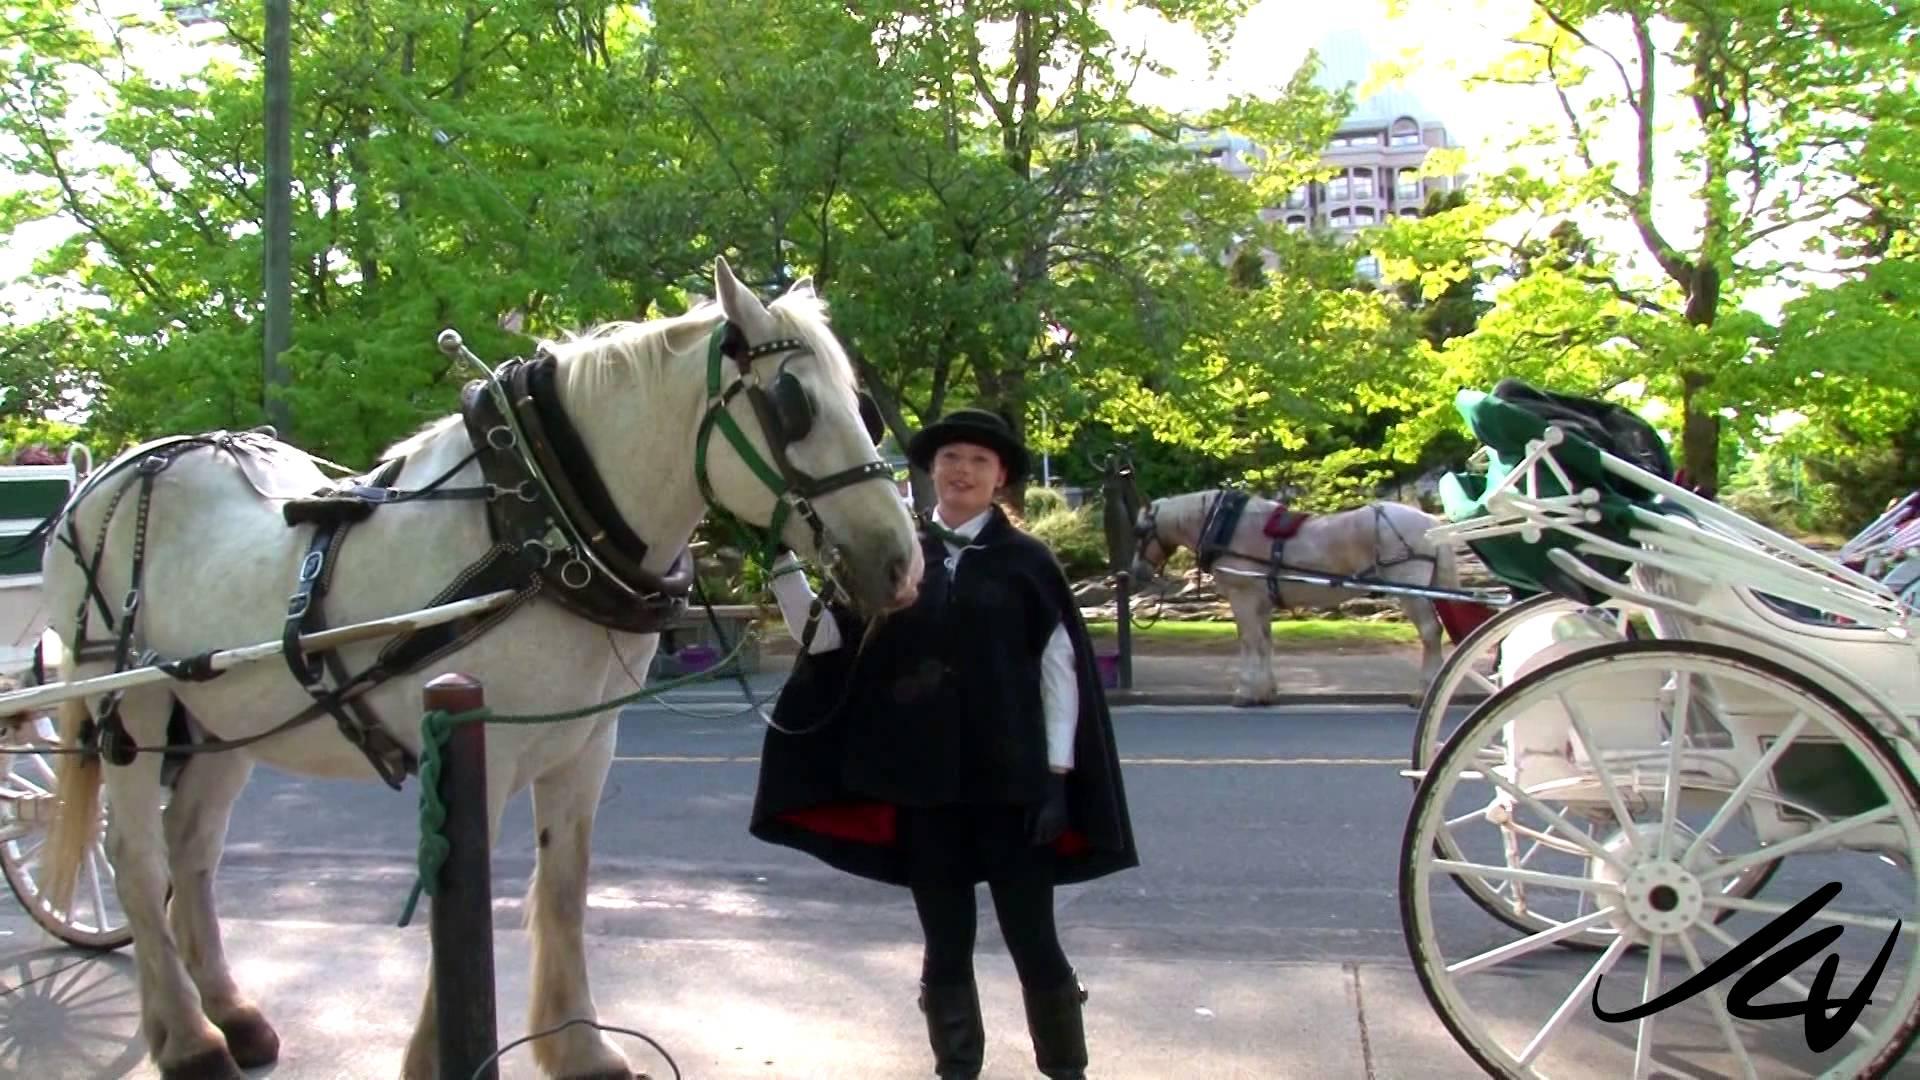 Drawn trolley friesian horse Drawn Tally ho of Giddy